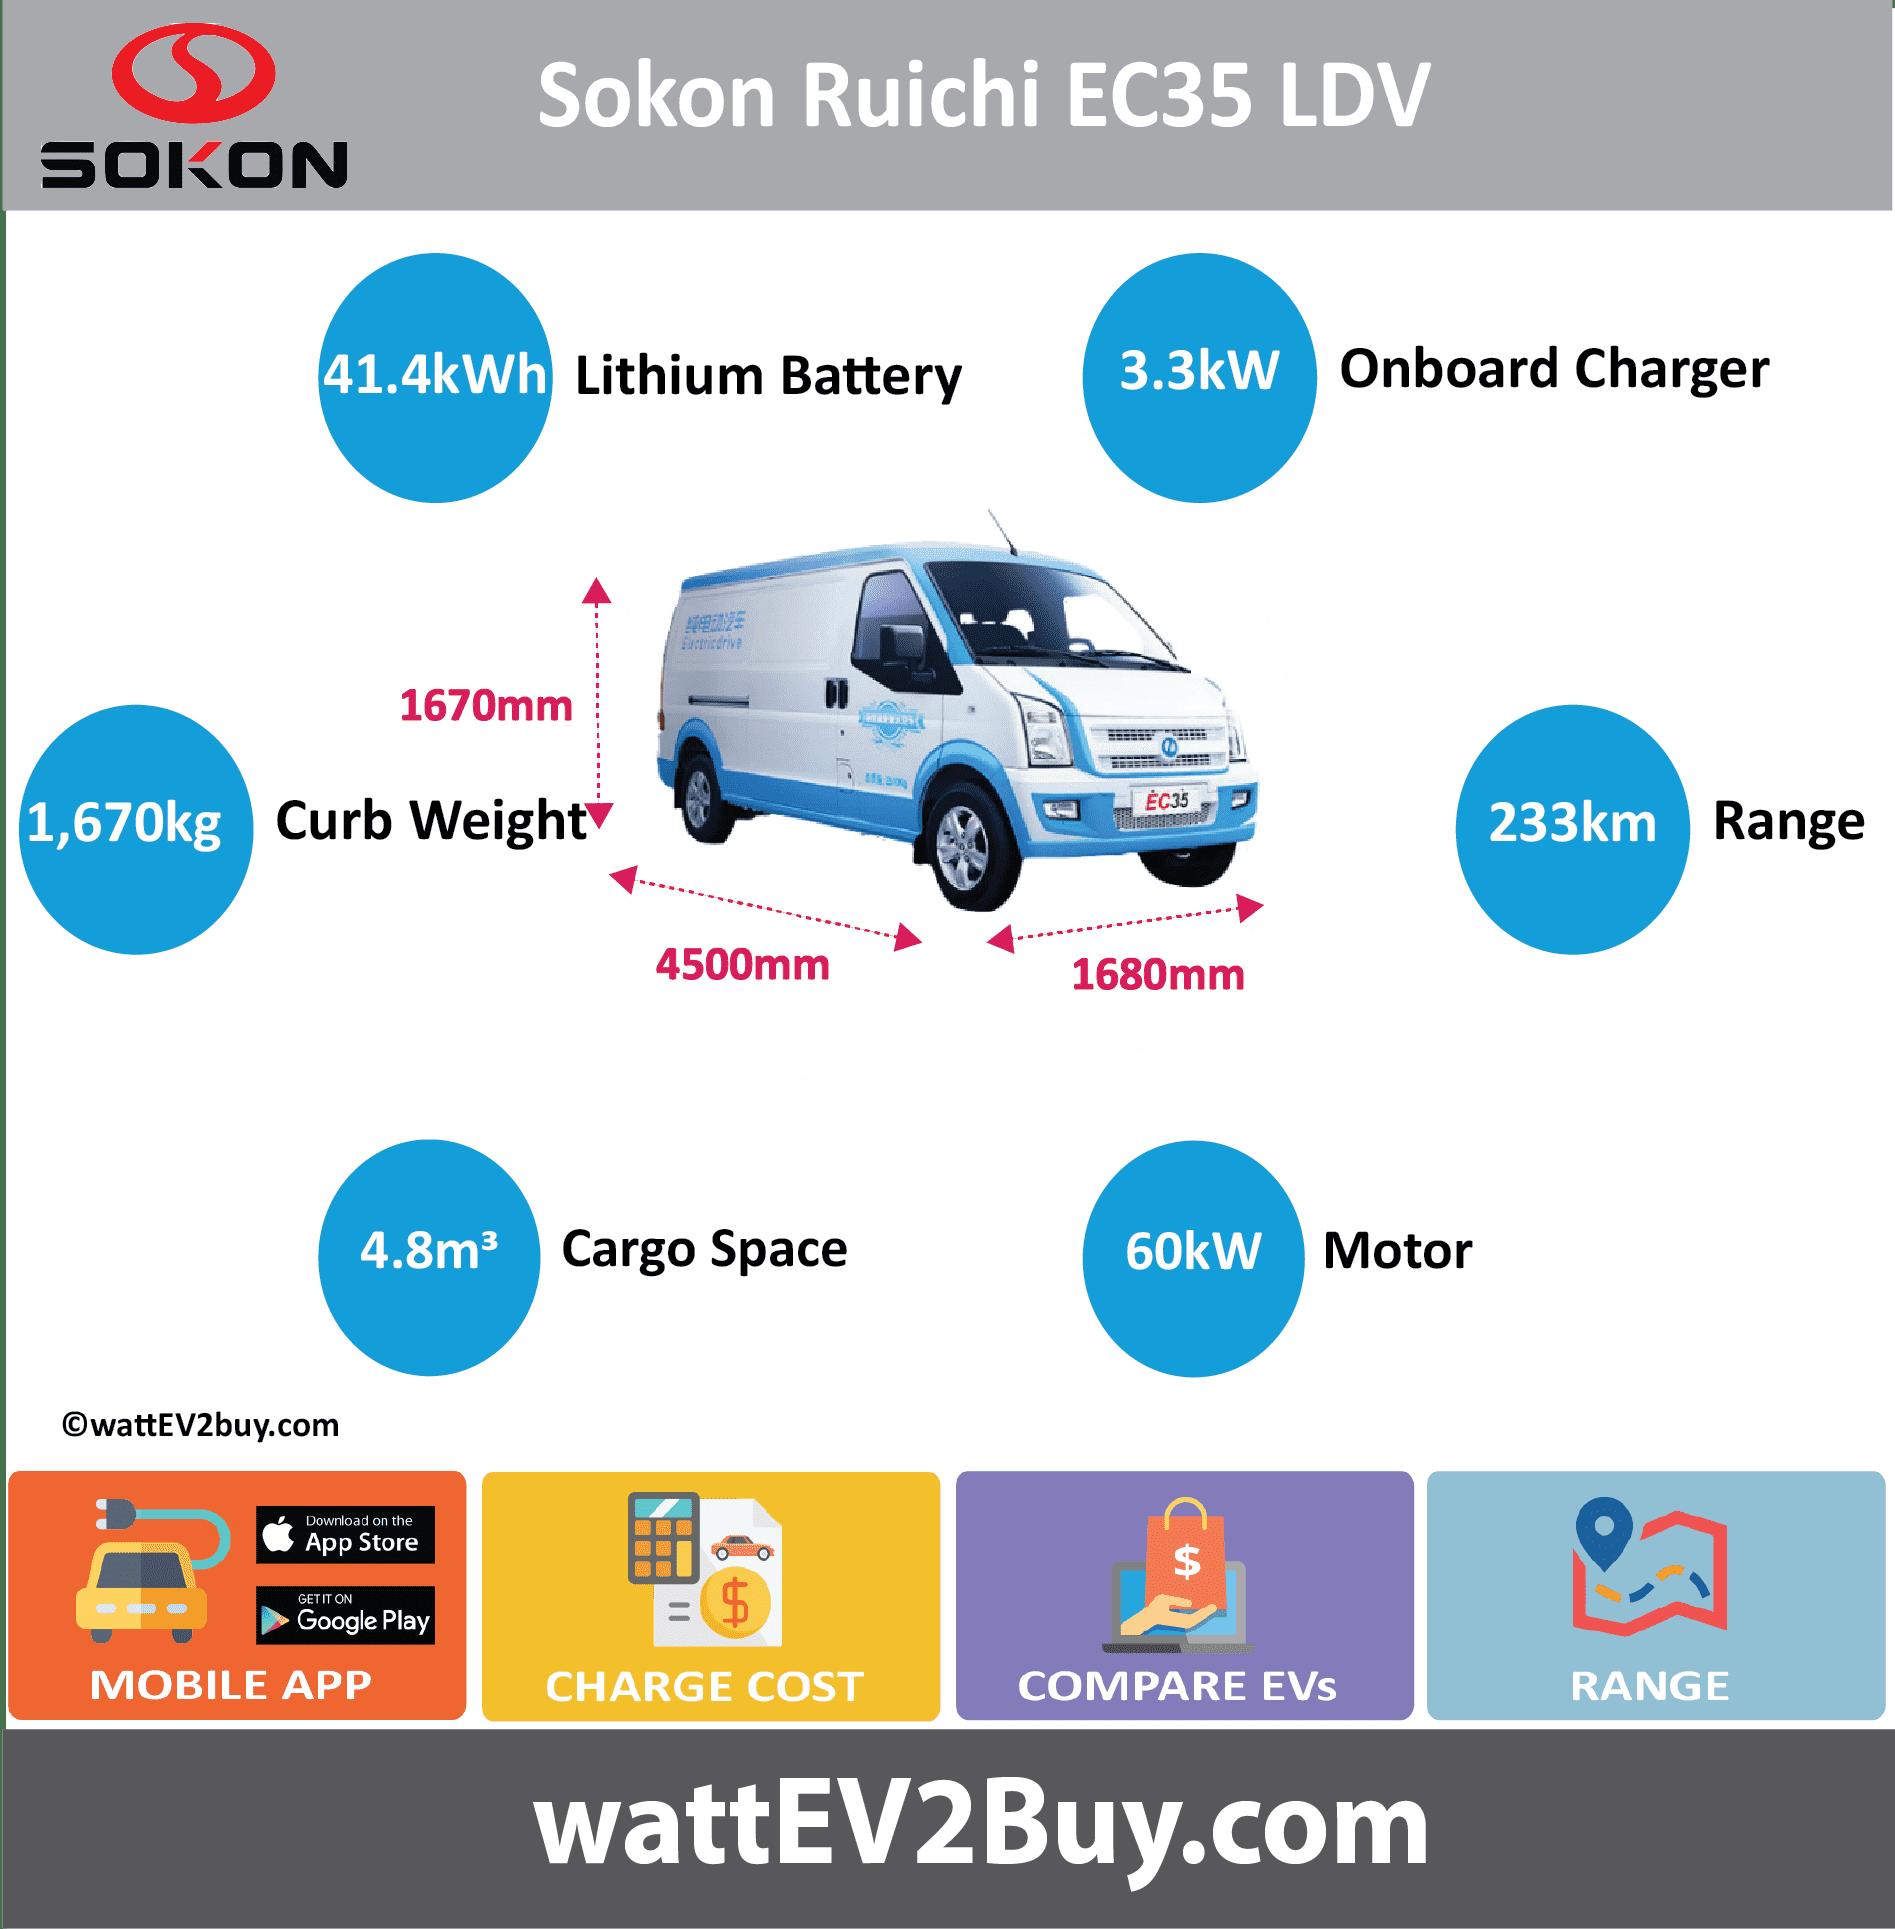 Sokon-Ruichi-EC35-Specs